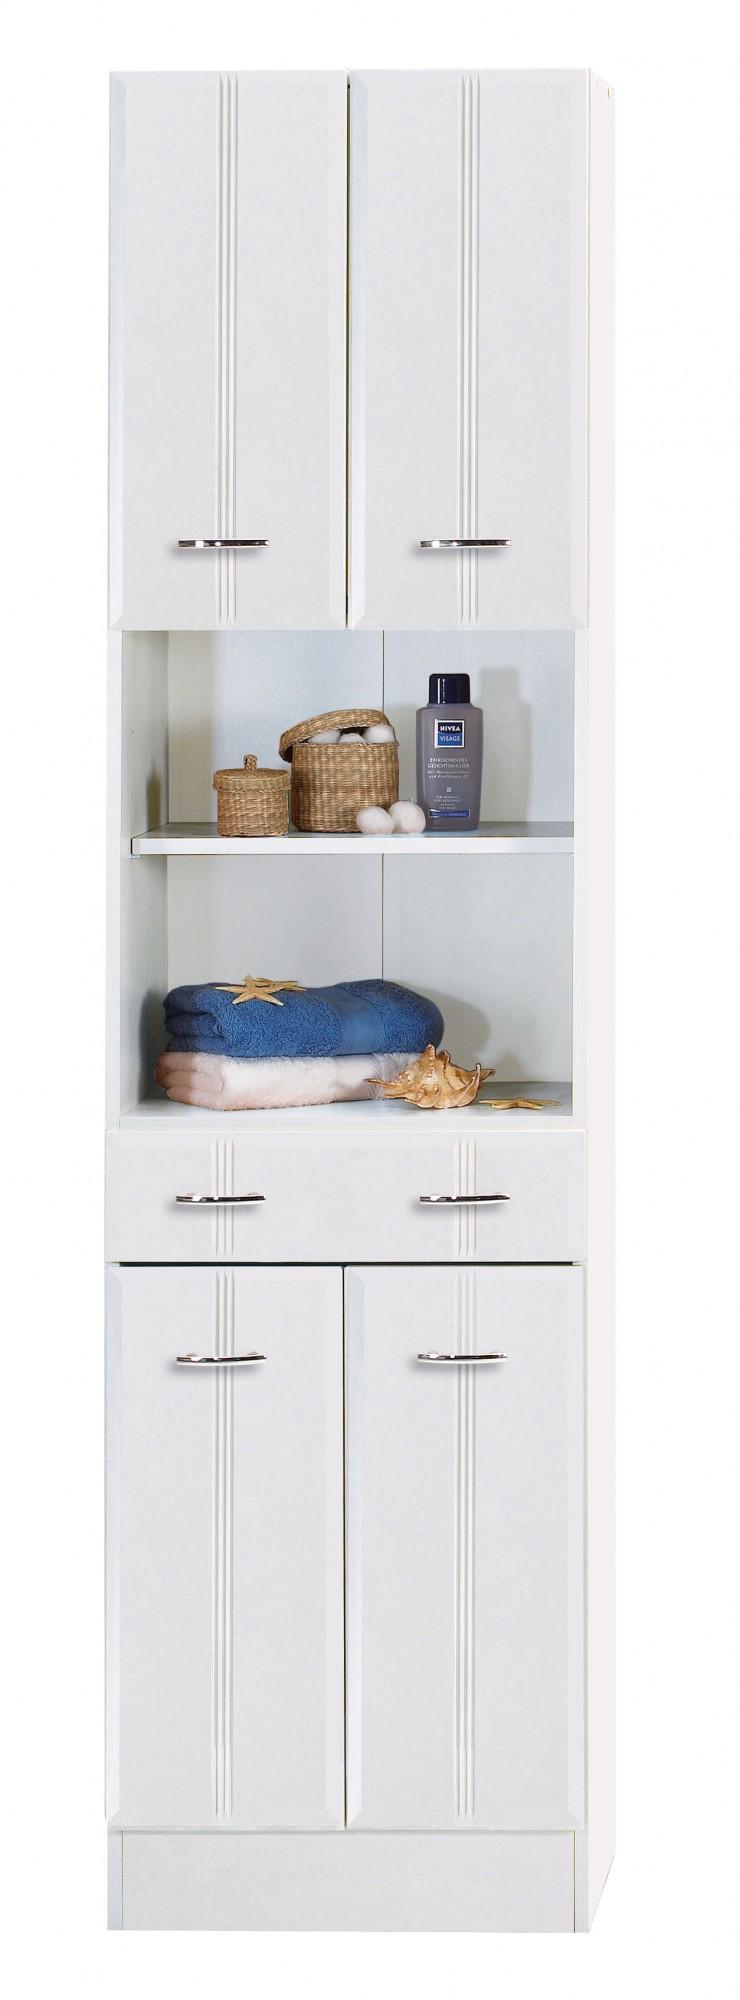 bad hochschrank arta 4 t rig 1 schublade 50 cm breit wei bad bad hochschr nke. Black Bedroom Furniture Sets. Home Design Ideas